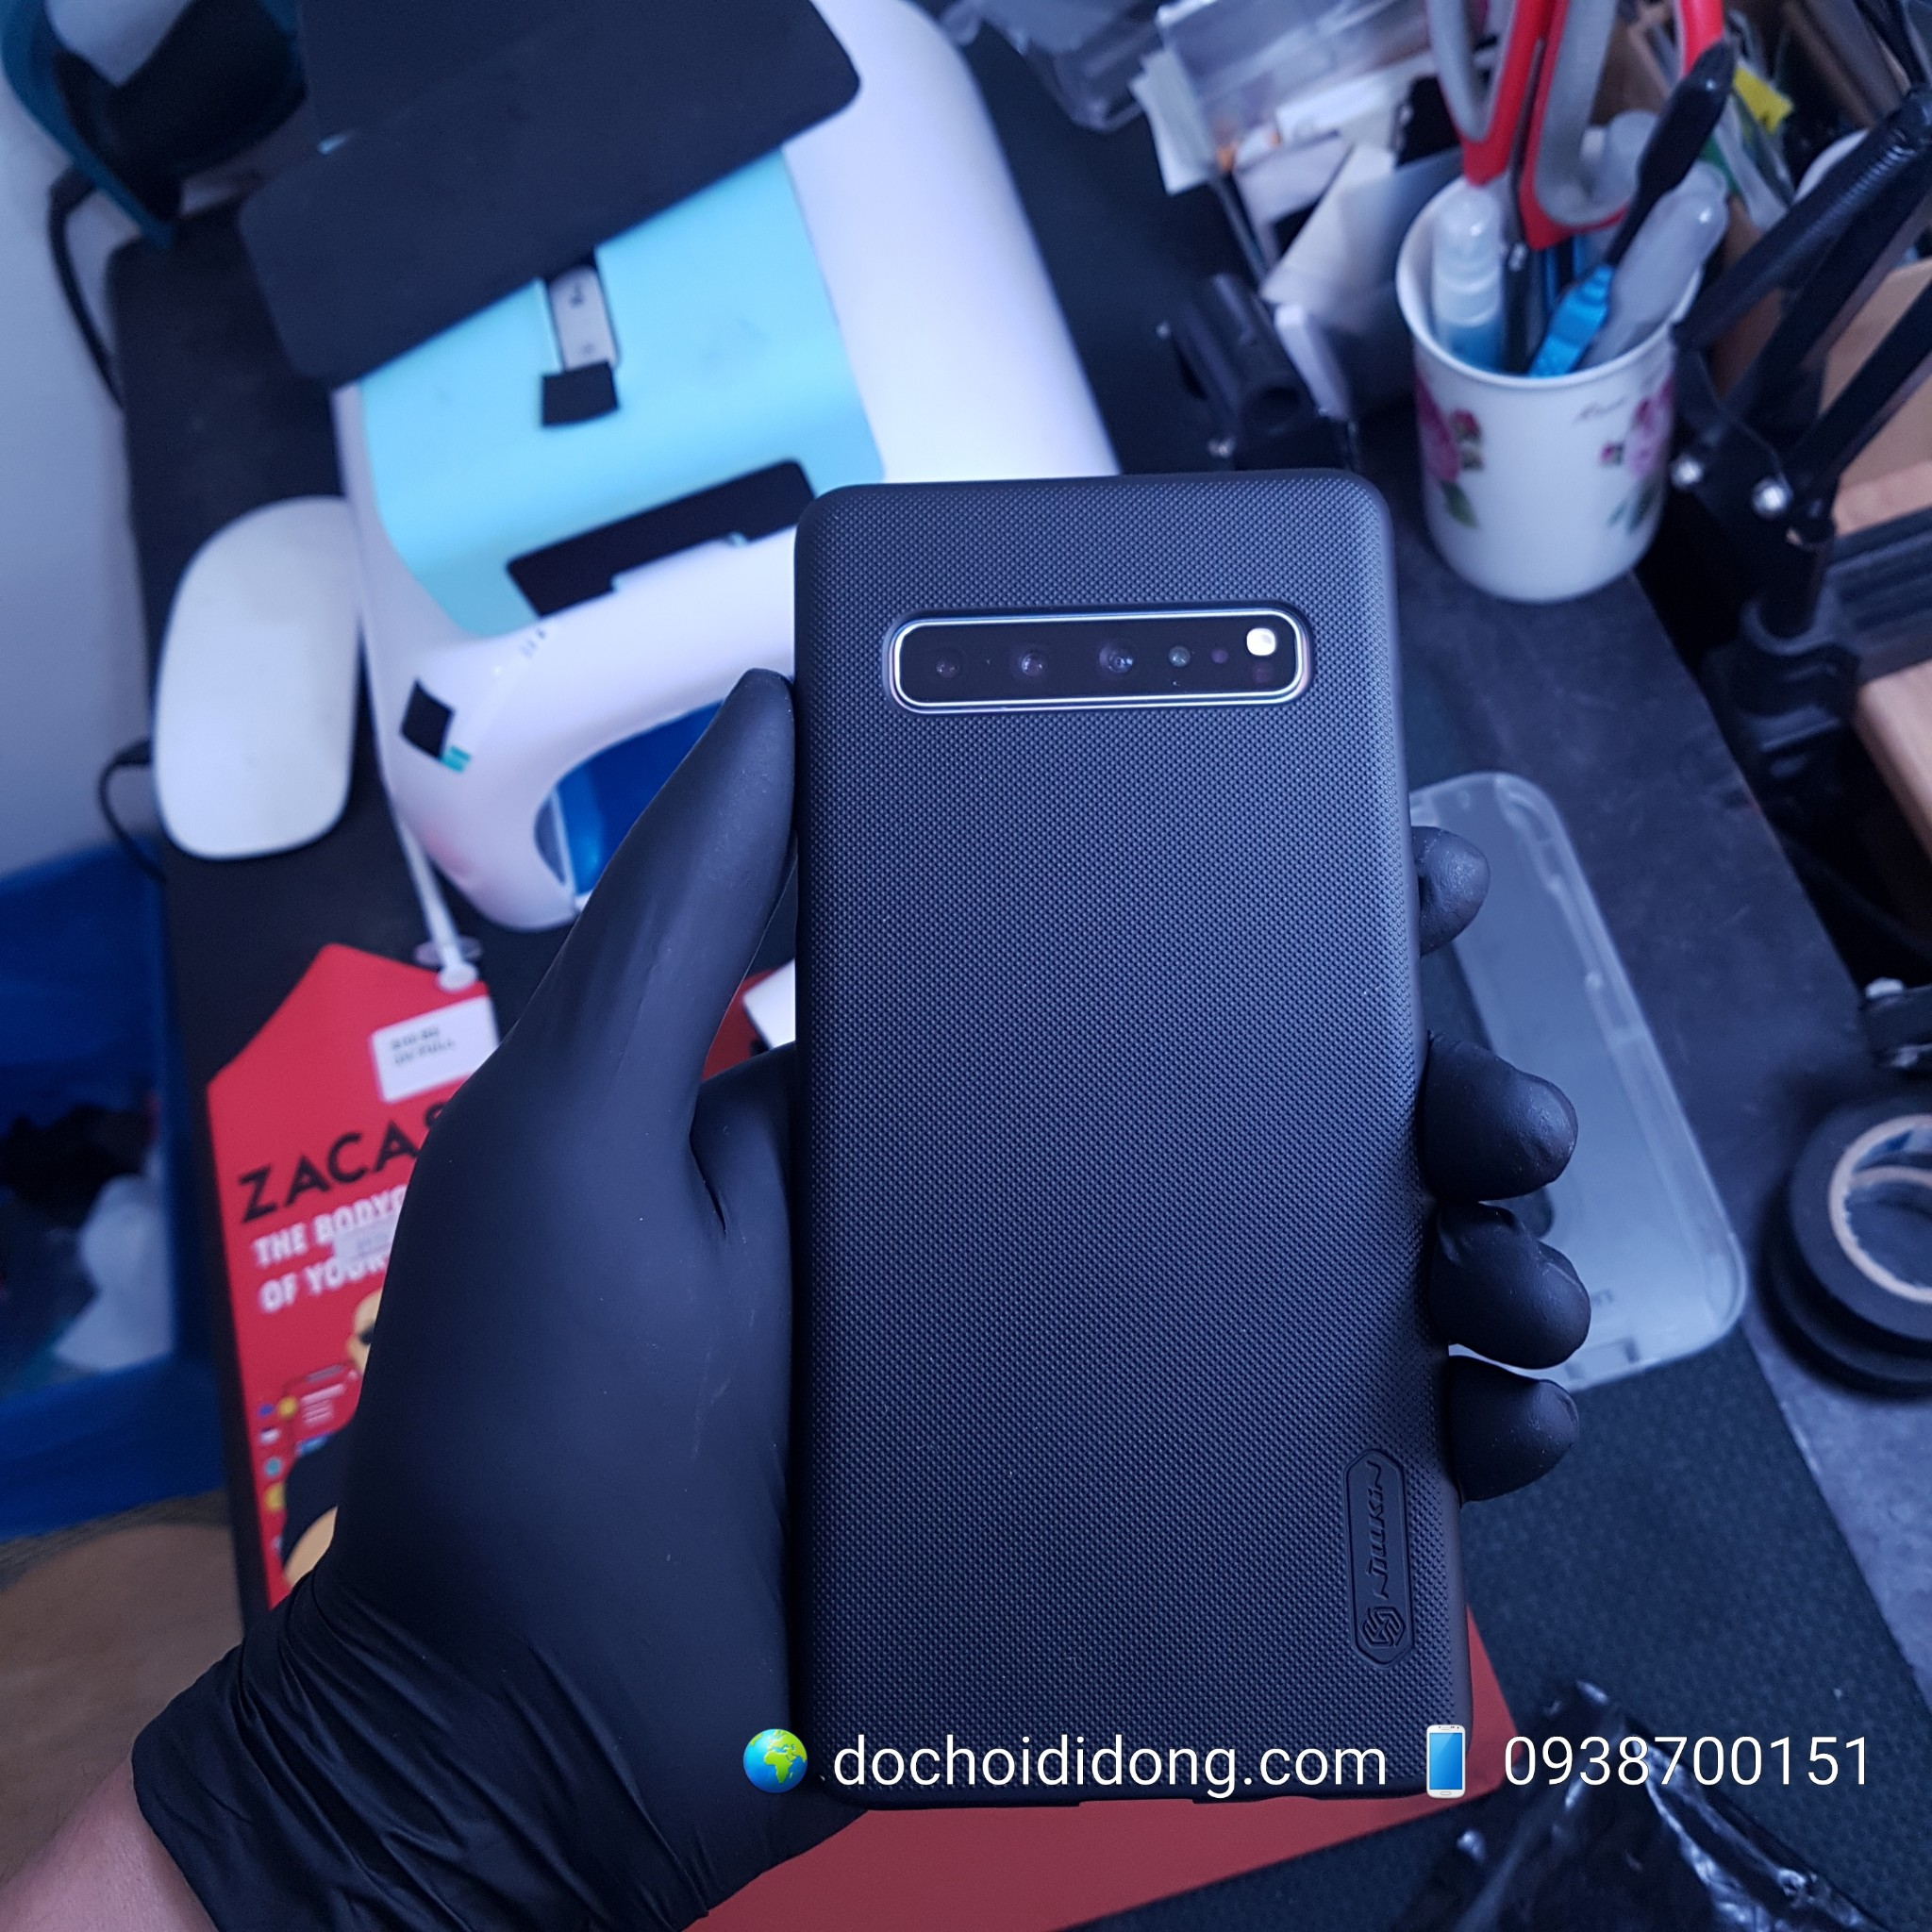 Ốp lưng Samsung S10 5G Nillkin vân sần tặng kèm giá đỡ